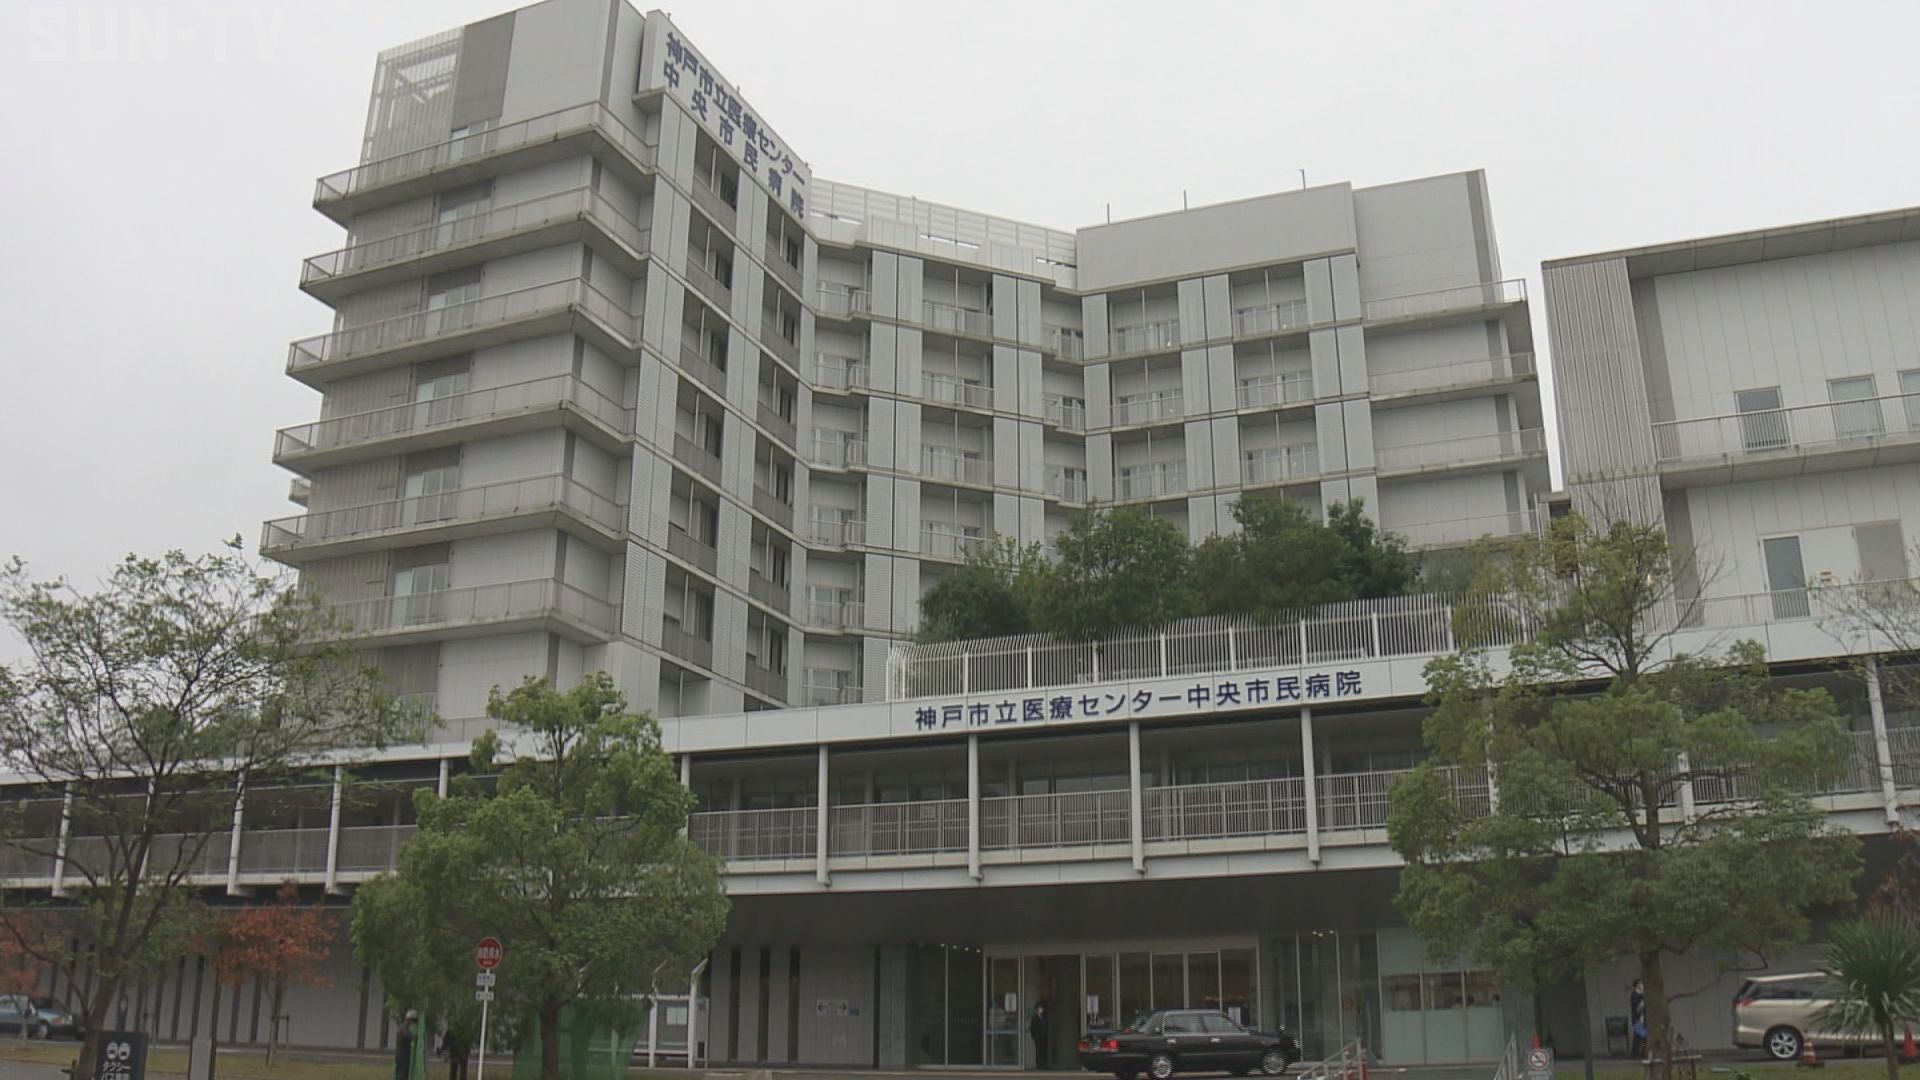 医療 中央 病院 市立 神戸 センター 市民